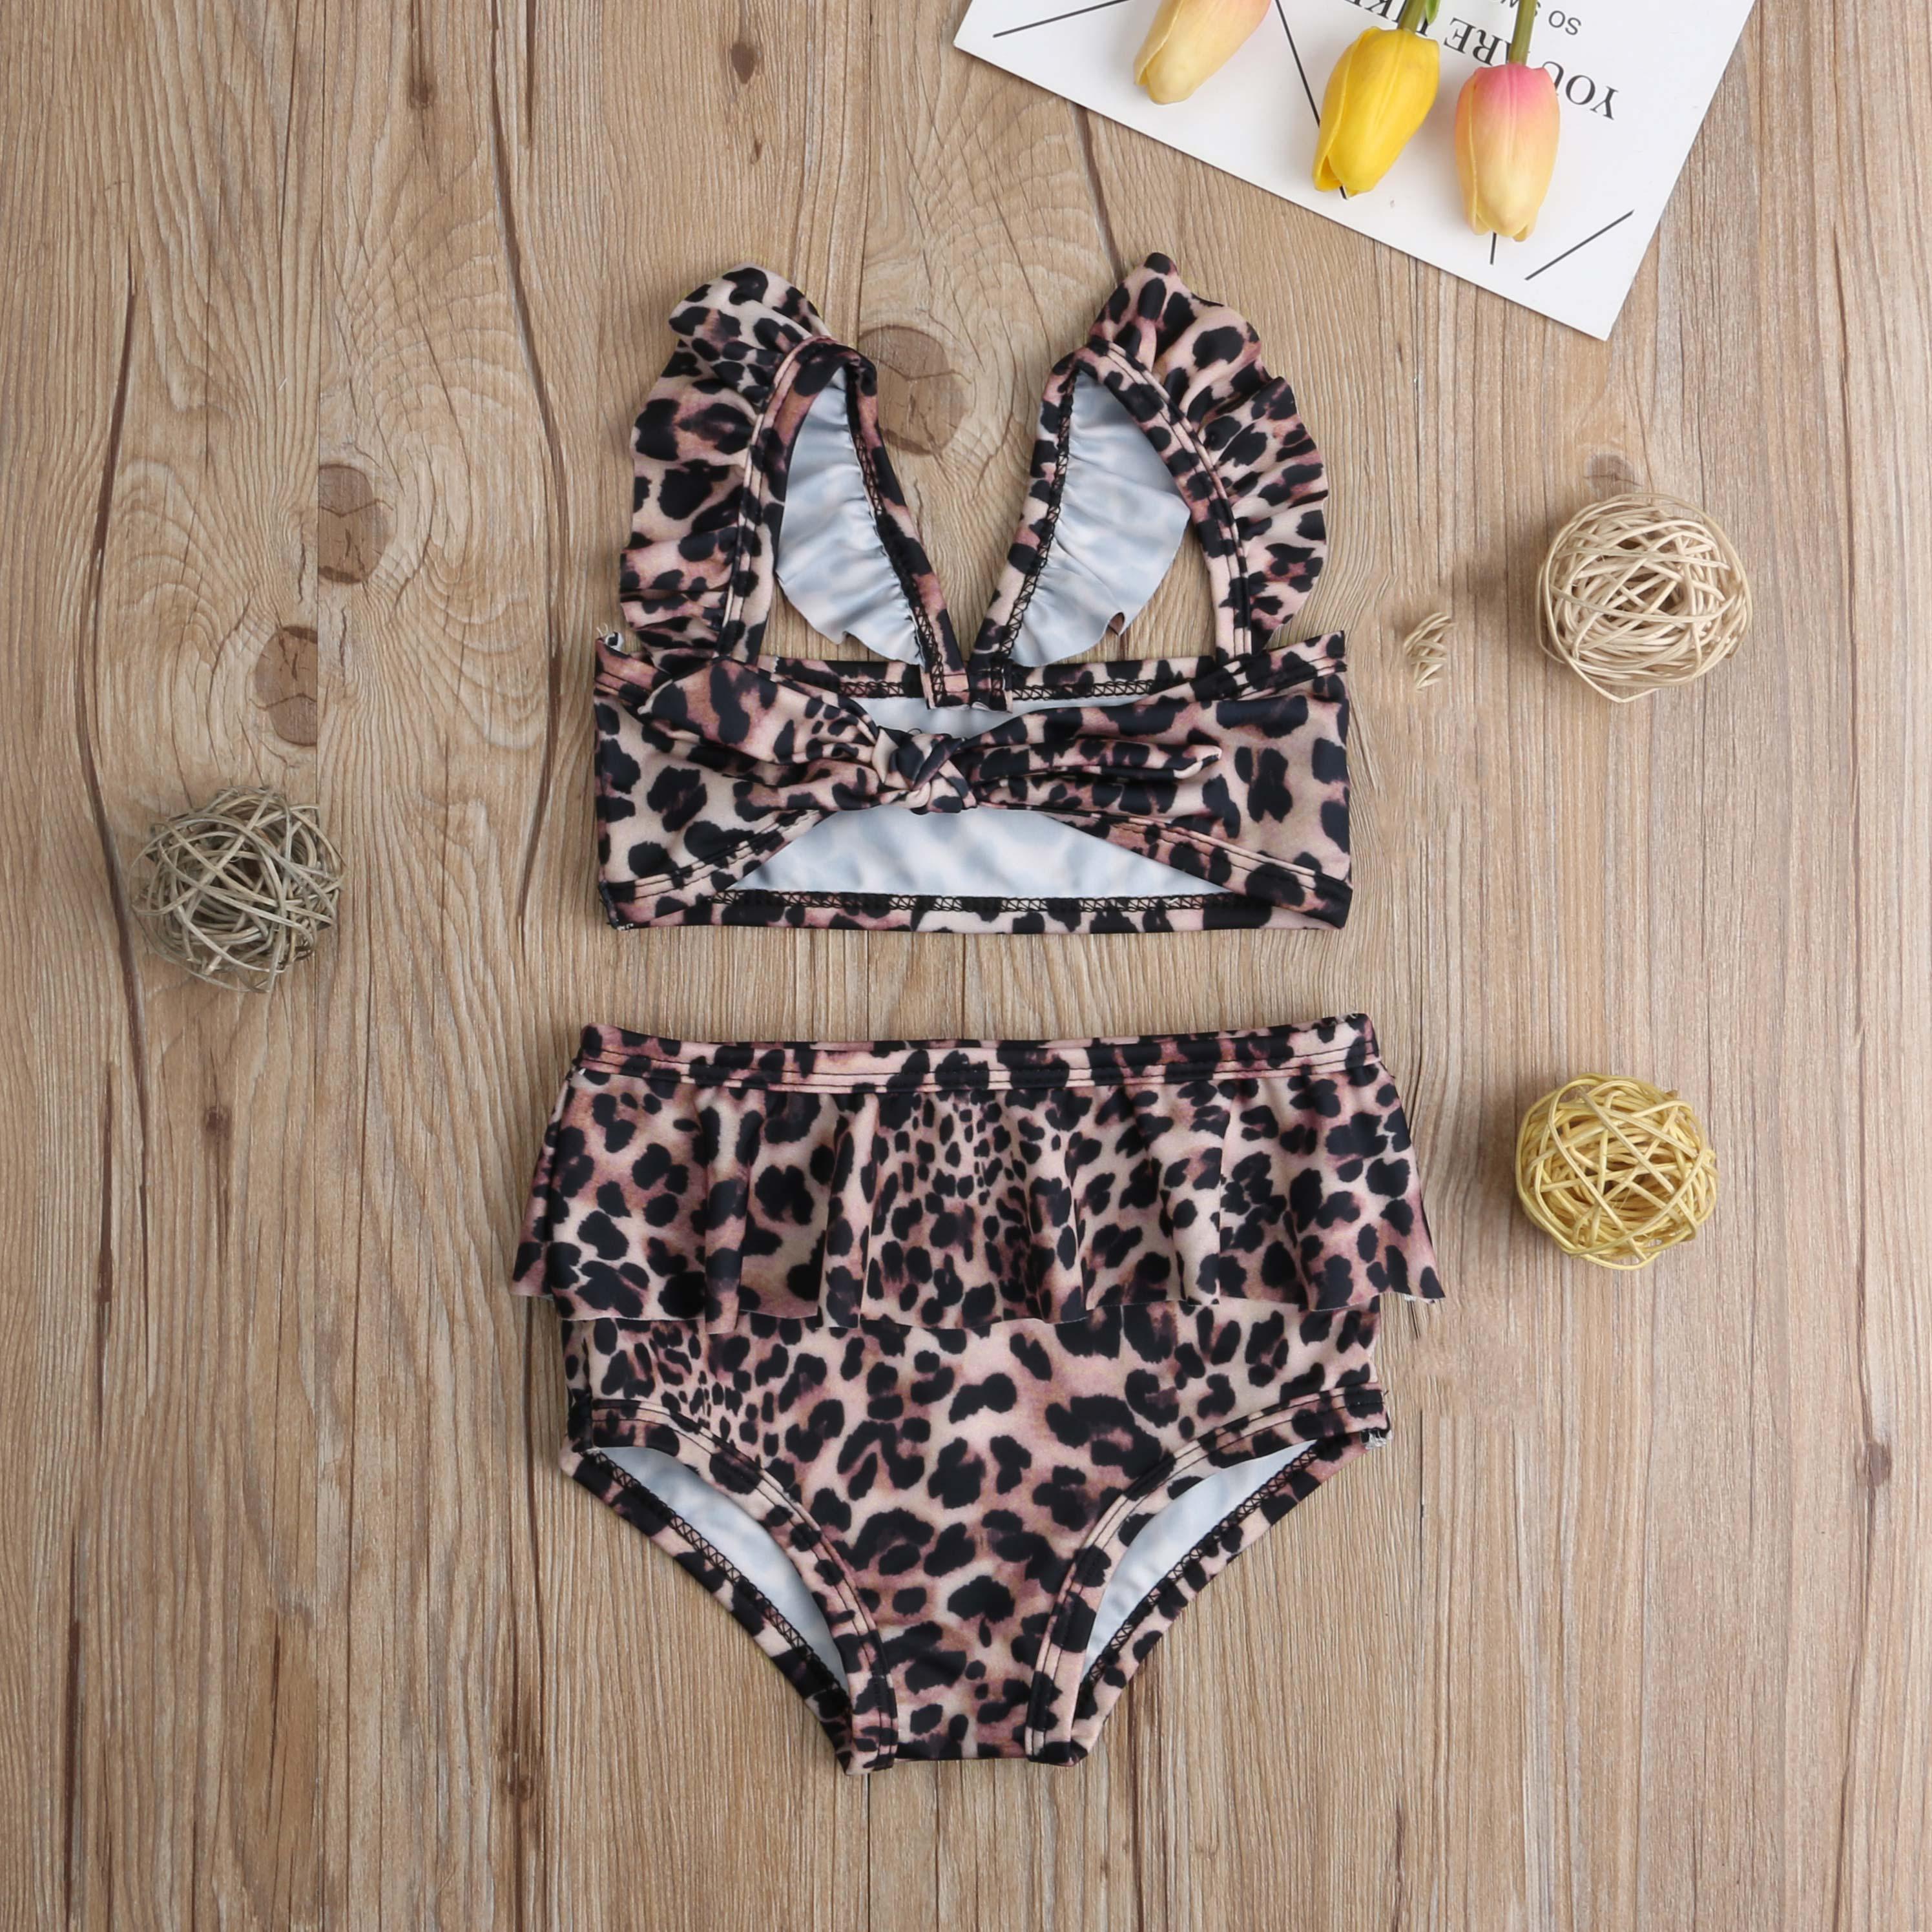 Лидер продаж, комплект из 2 предметов для маленьких девочек, Леопардовый цветочный принт, купальный костюм, бандаж, оборки, детский пляжный л... 17